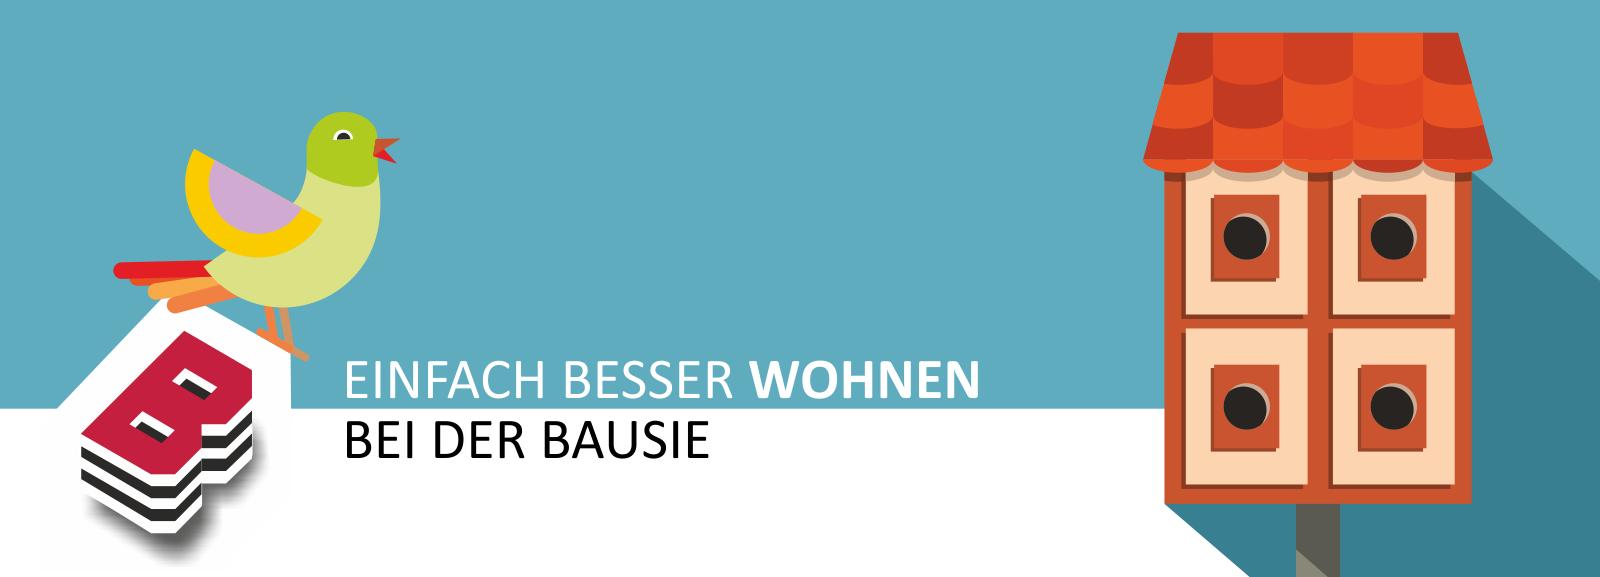 2_HP-Bausie_Banner_Vogelhaeuser_20_WohnungFinden